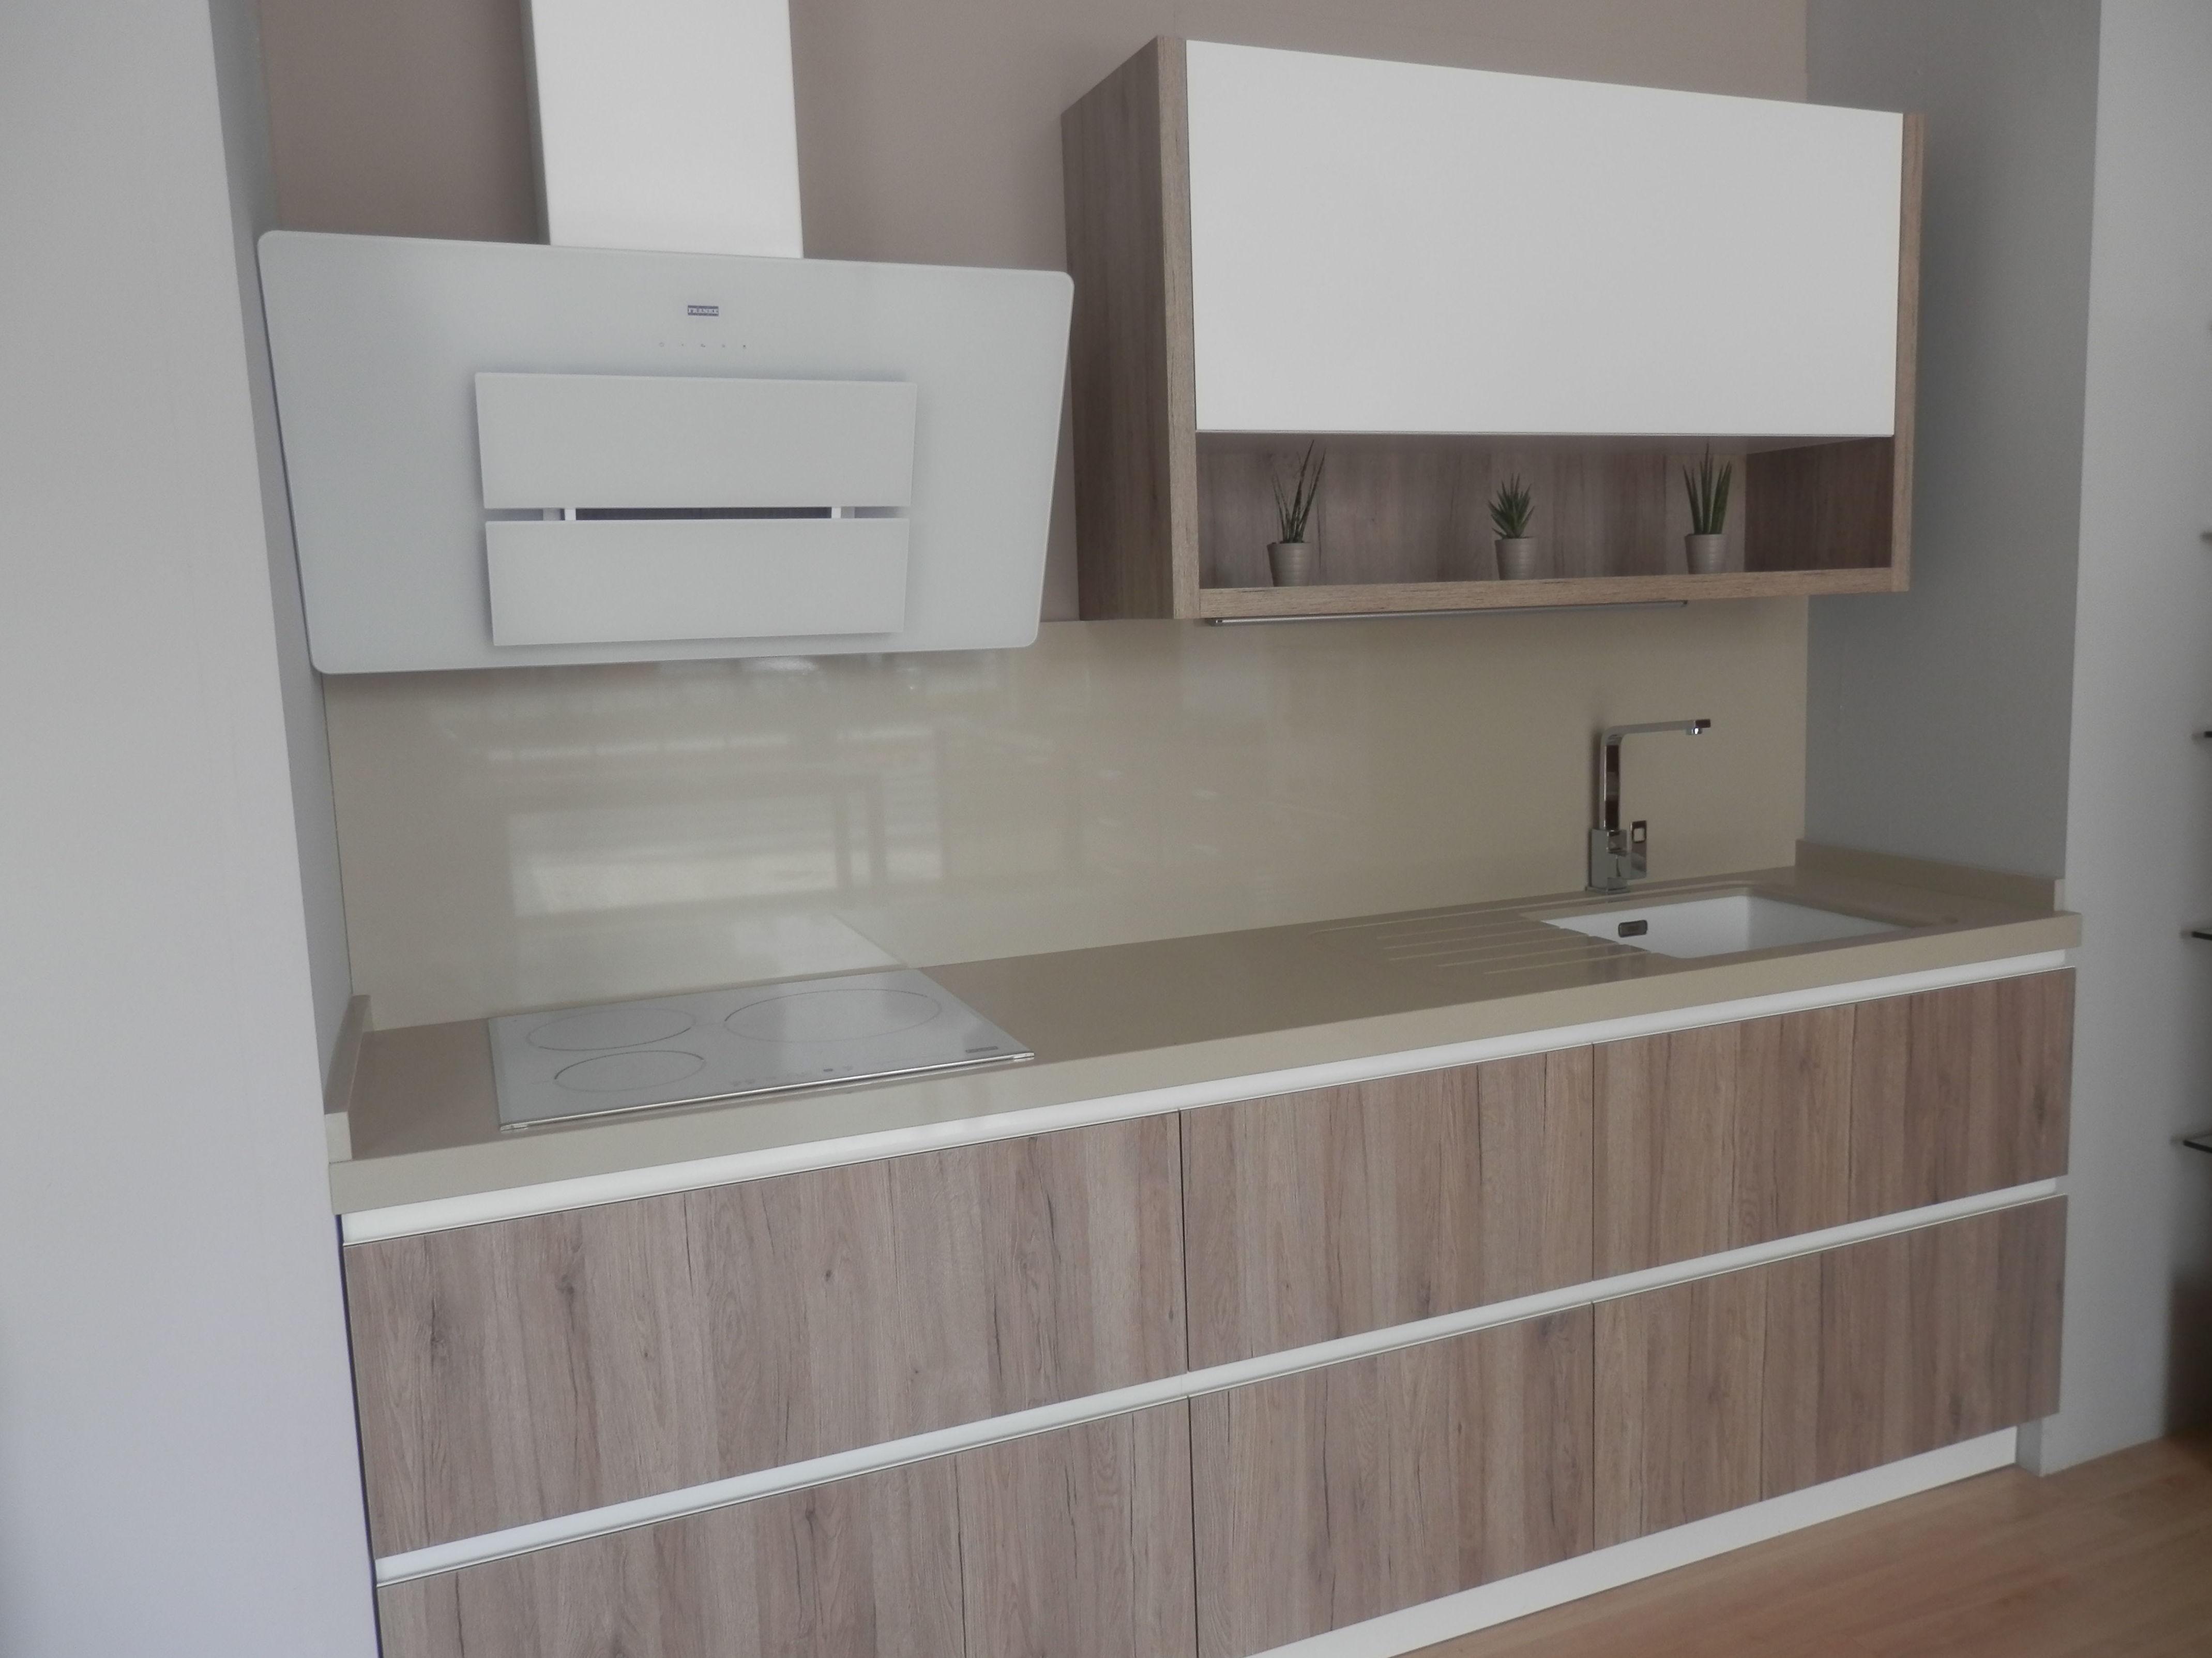 Muebles de cocina segunda mano malaga cheap muebles de for Mobiliario cocina segunda mano